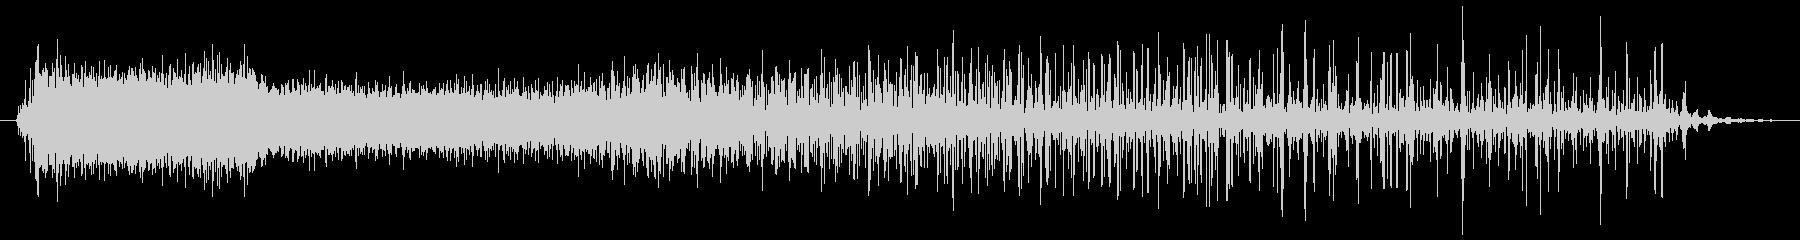 機械 ノイズクラックルドロップ02の未再生の波形